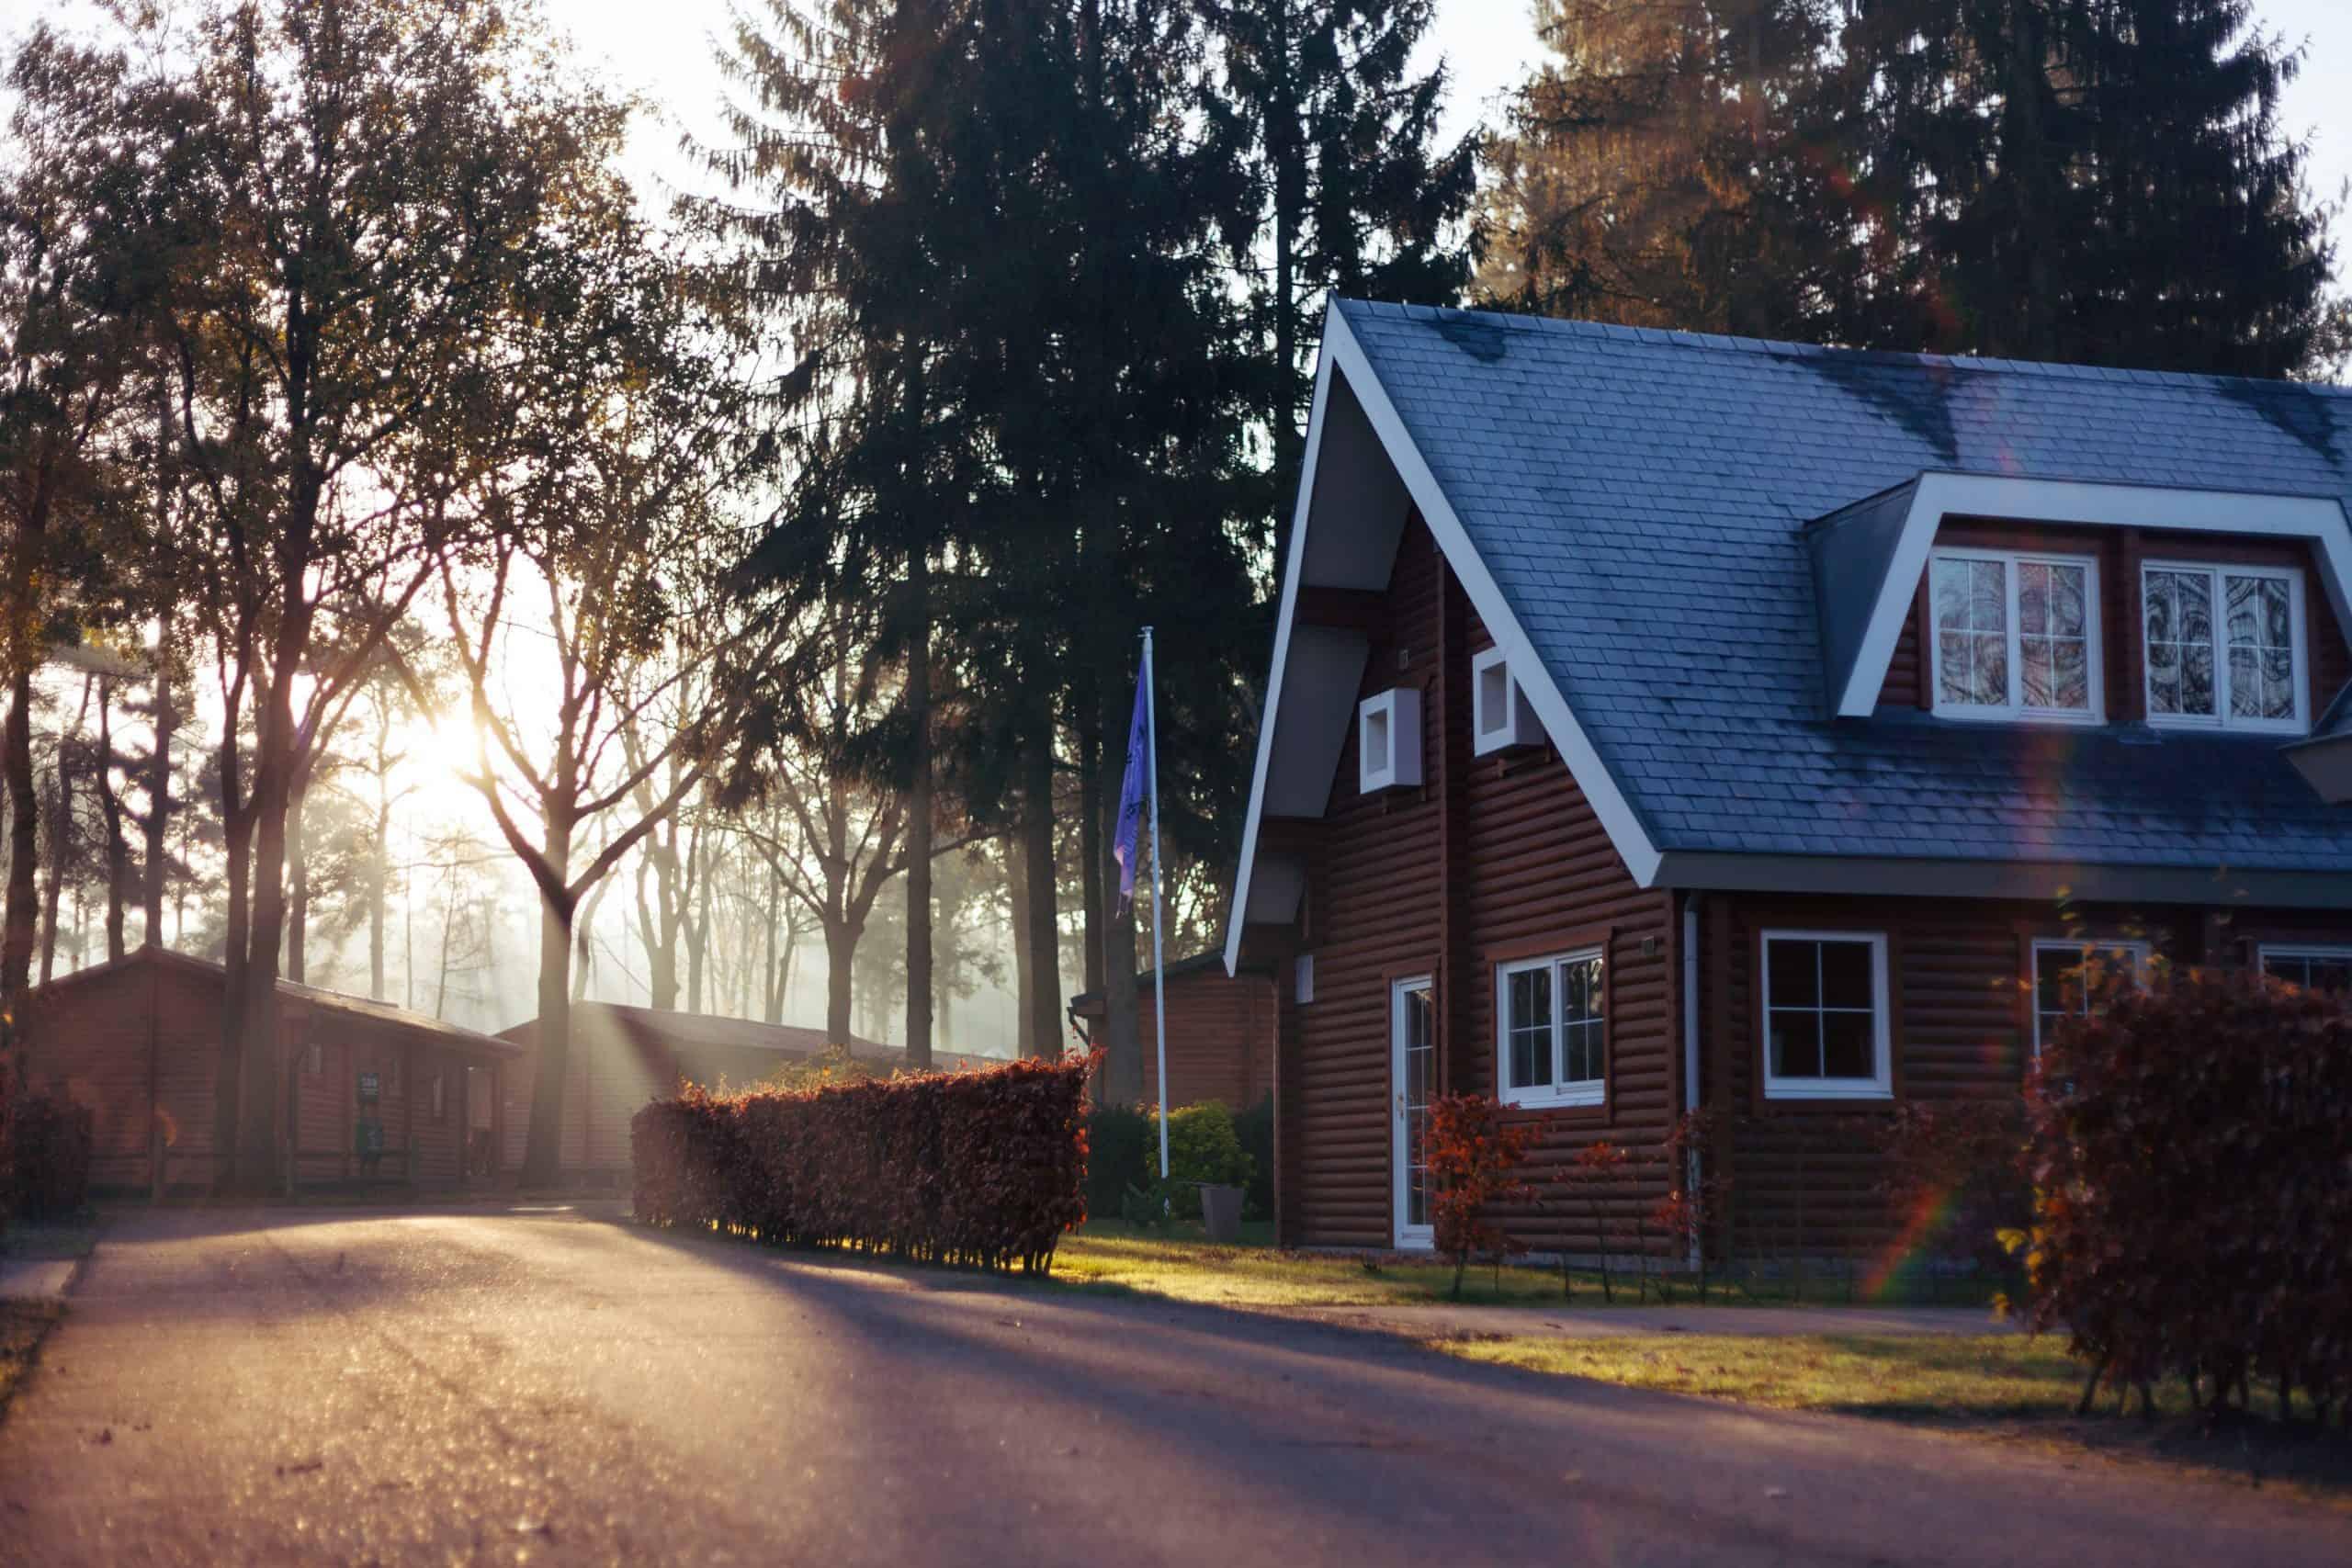 Liste von 3 Wohnimmobilieninvestoren aus Nordeuropa